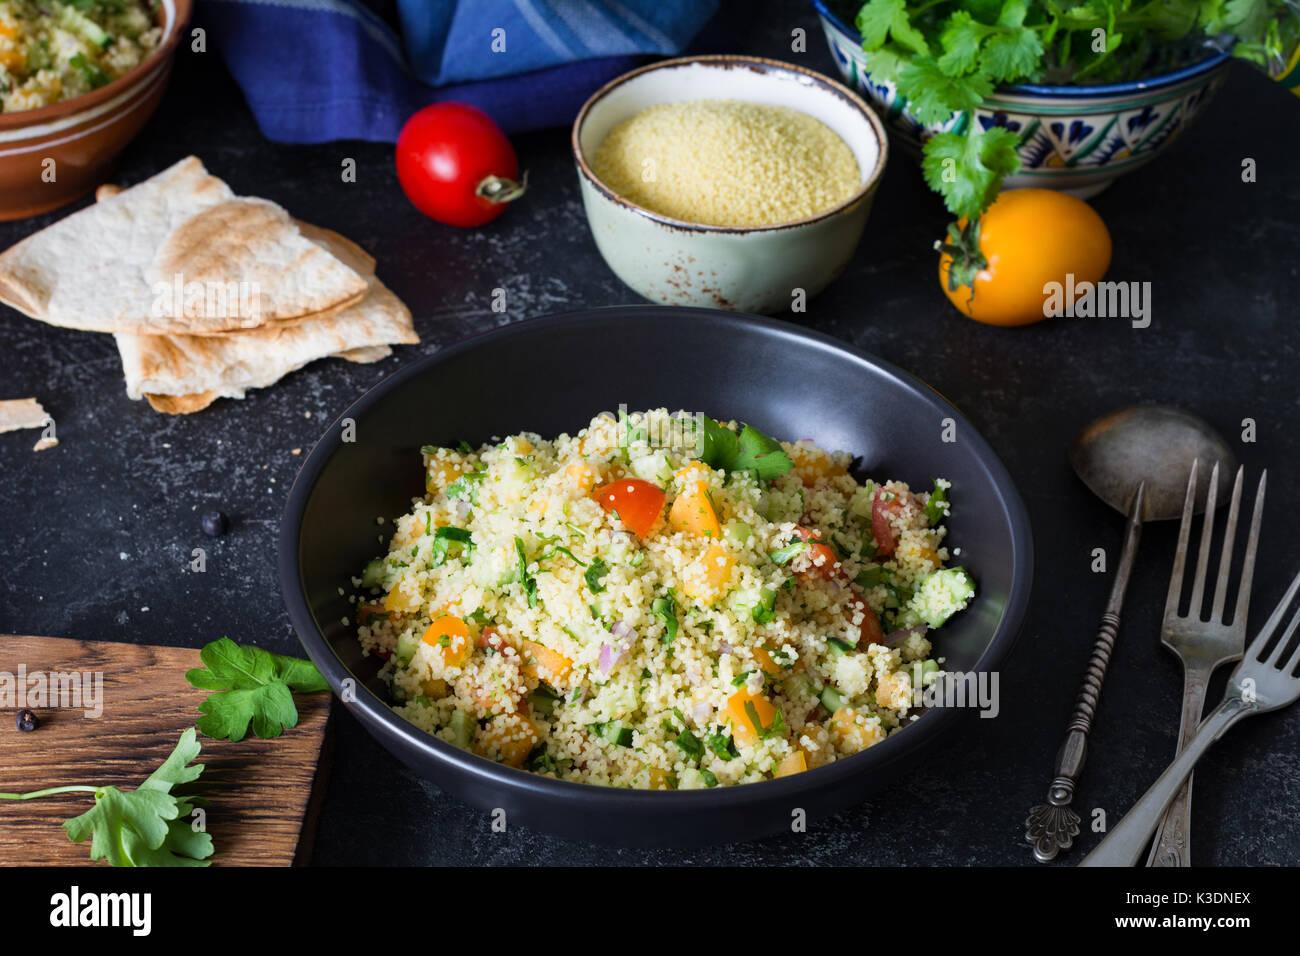 Libanesische arabische Küche: Gesunde leckere Salat mit Cous Cous, frisches Gemüse und grünen tabbouleh in schwarz Schüssel. Authentische Küche Stockbild